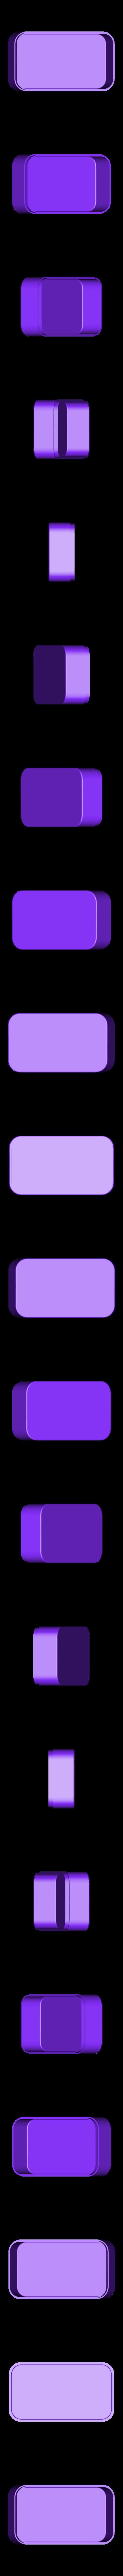 8910b2c3 a139 4115 b555 135413df4e8f